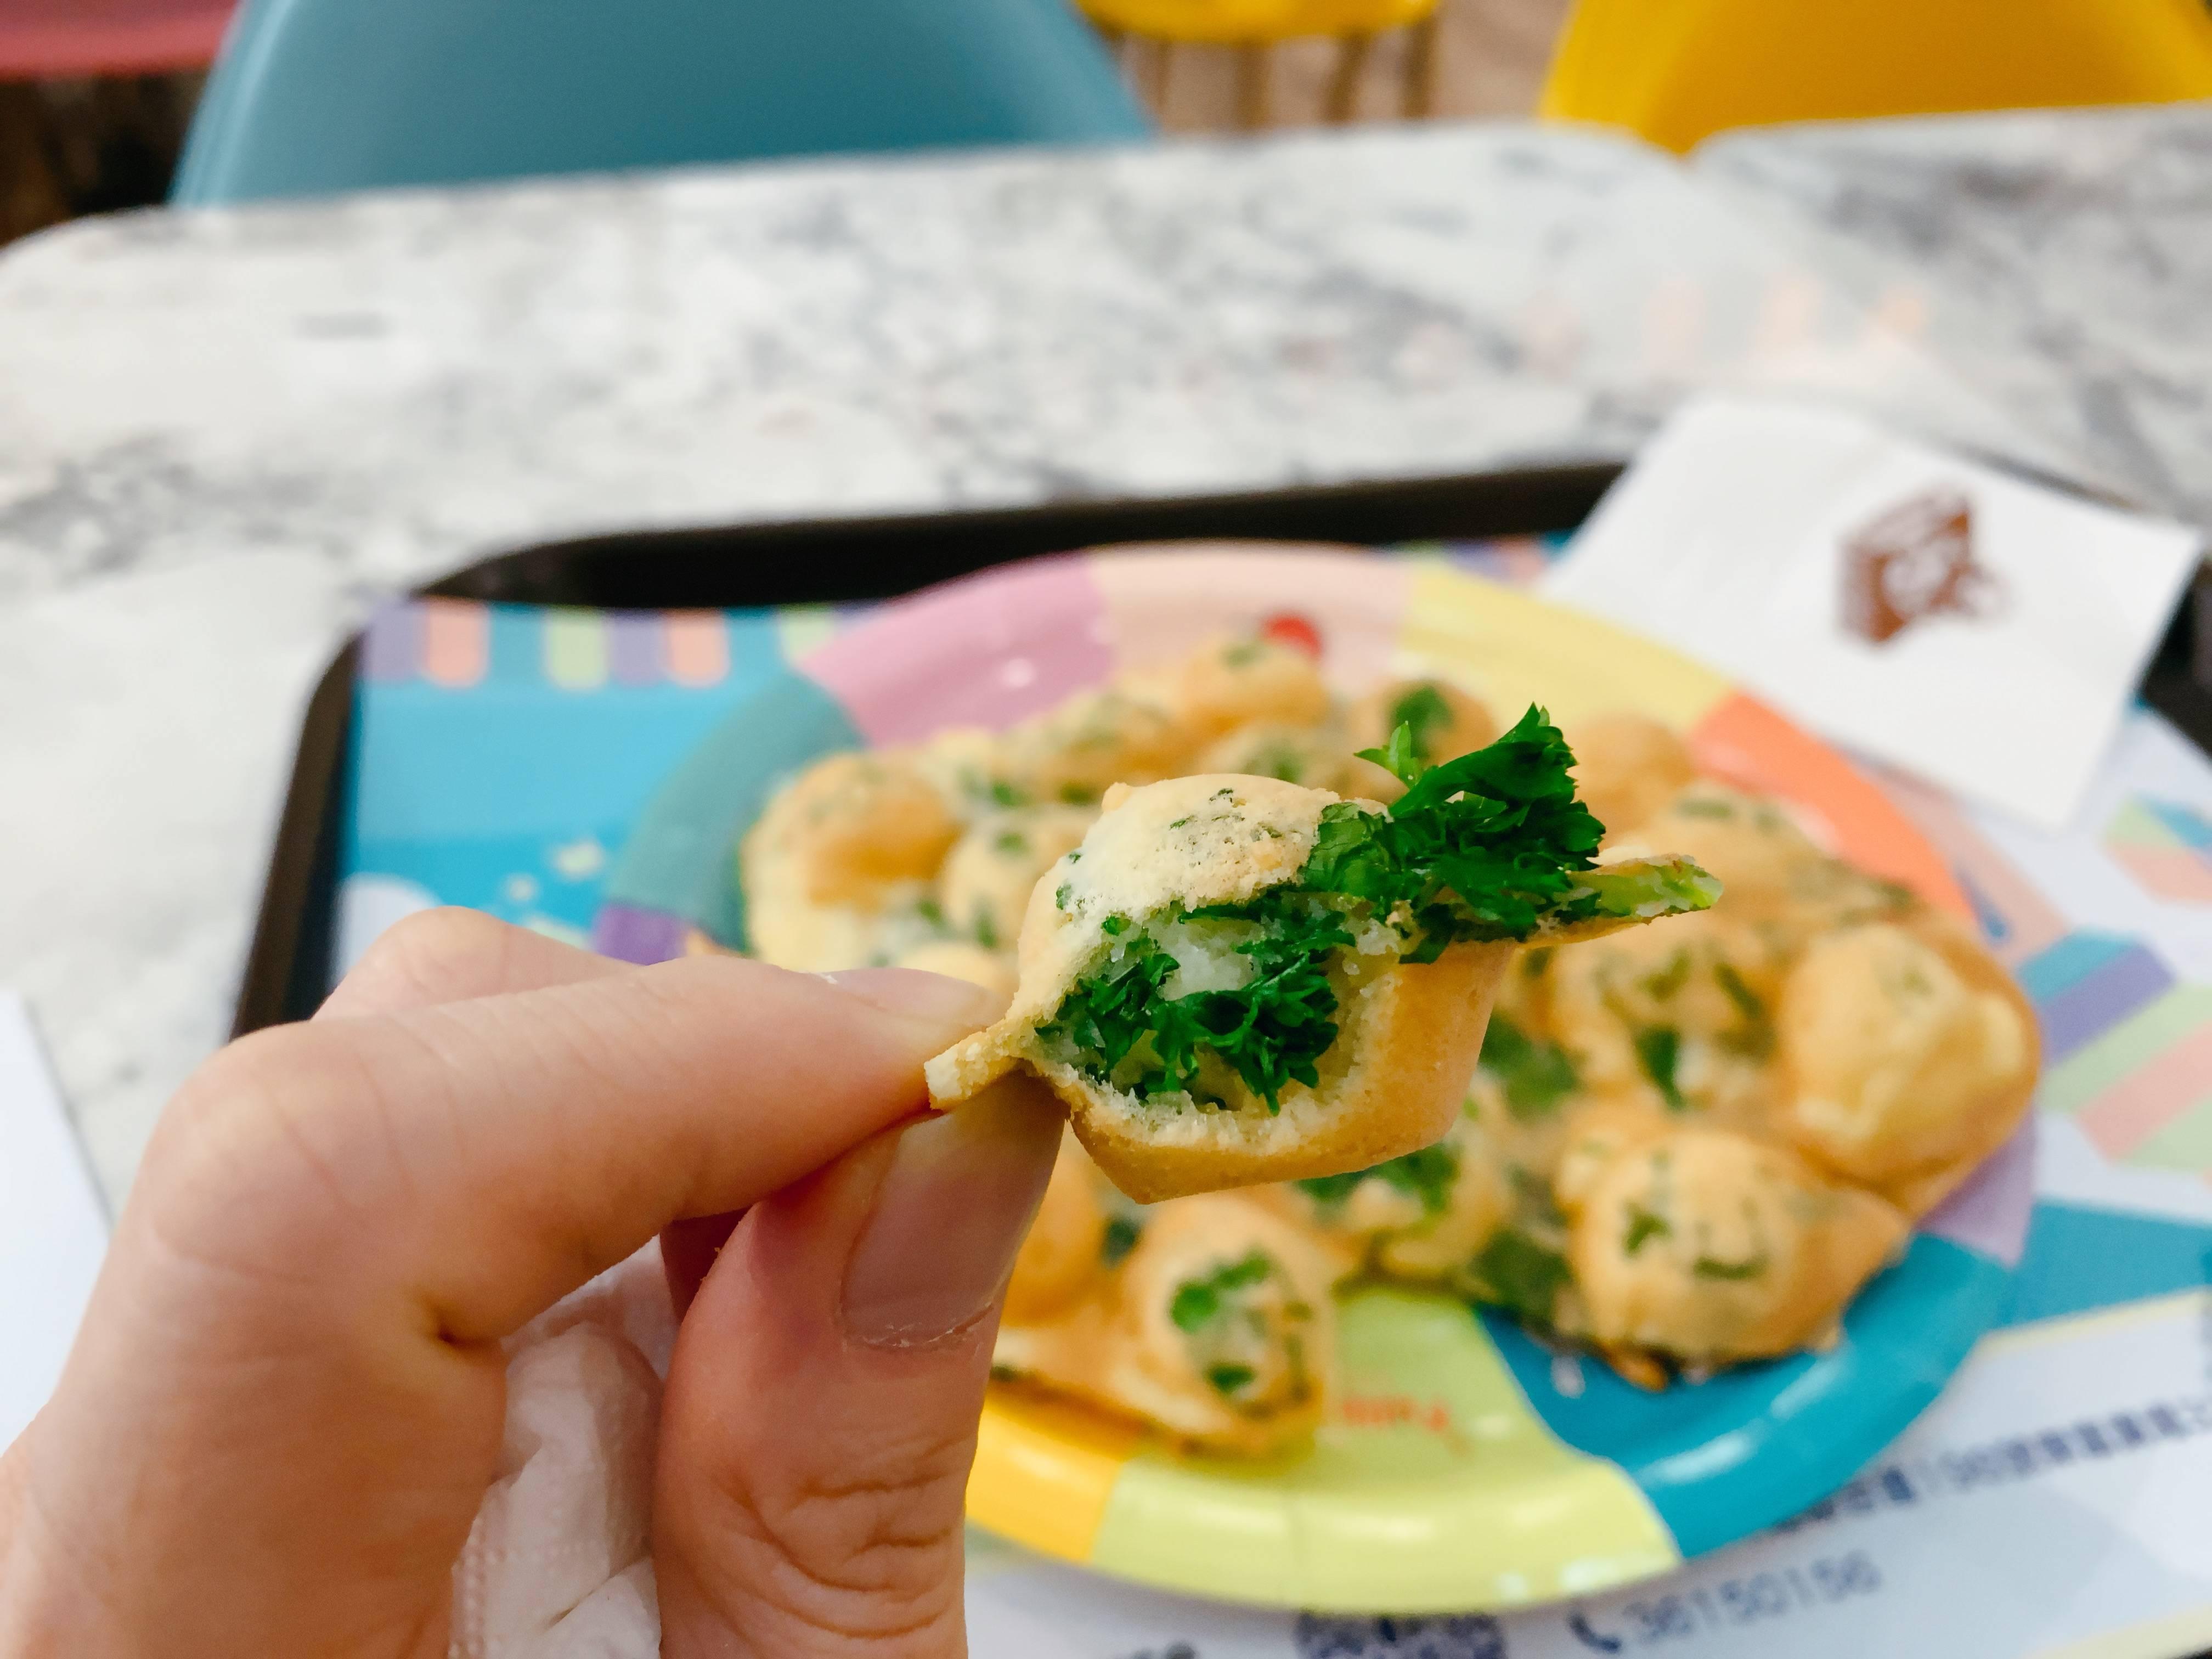 【芫茜雞蛋仔 】美食定劣食?超極端味道食物. 網民:我完全想像唔到囉! 仲有黑松露漢堡